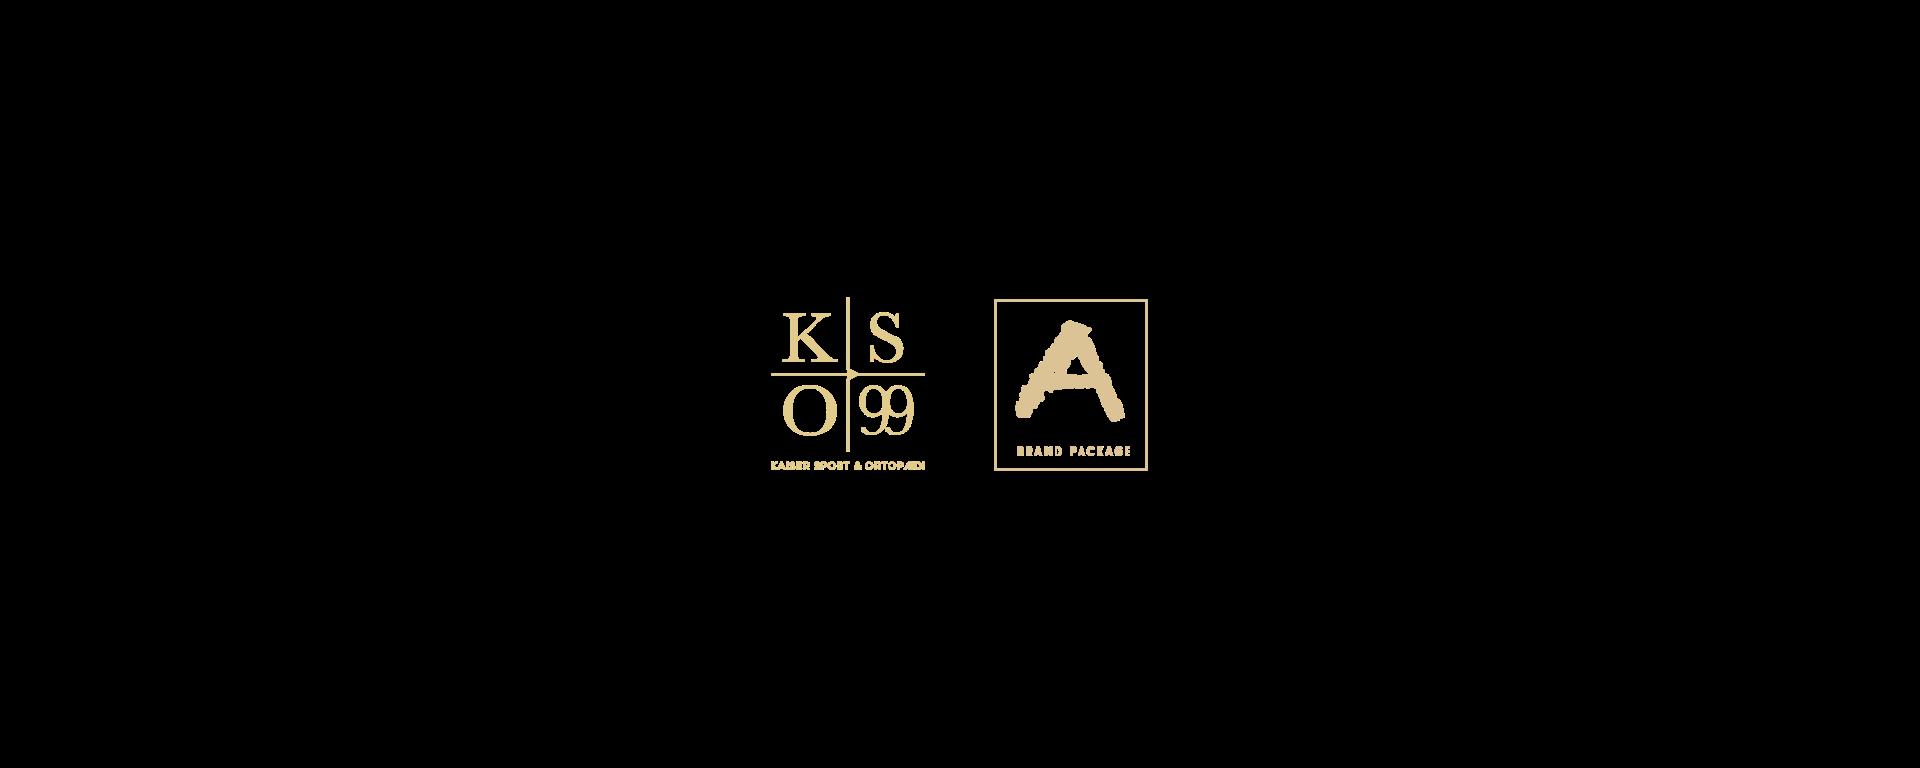 KSO-BRANDING-PACKAGE-STORT-IKON